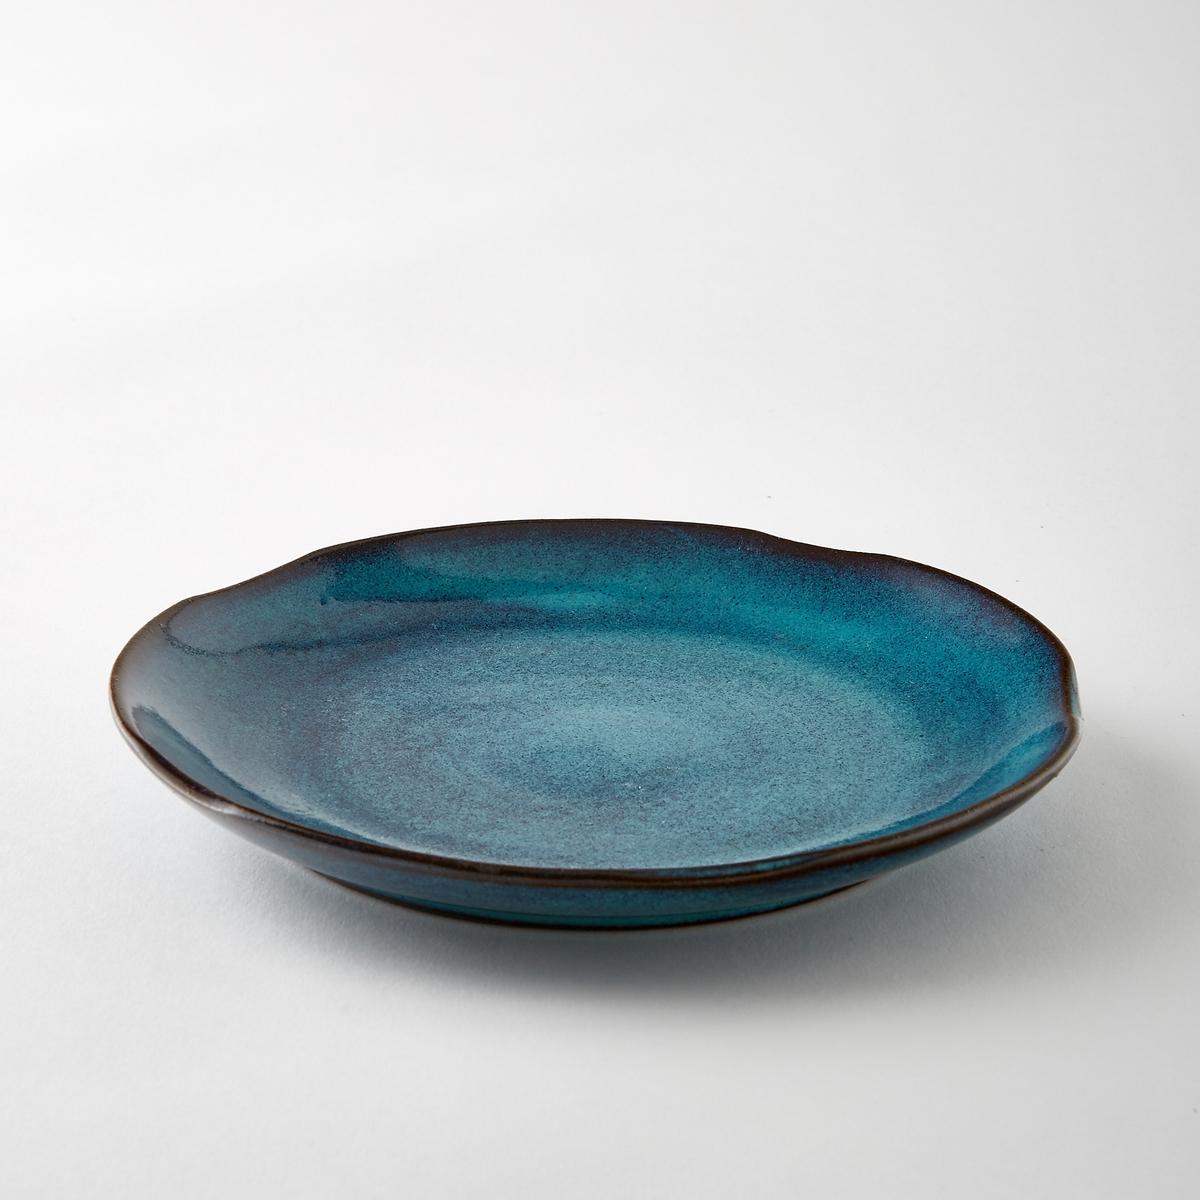 Тарелка десертная из керамики, диаметр 22 см, Aqua от SeraxХарактеристики : - Из керамики, покрытой глазурью. - Можно использовать в посудомоечных машинах и микроволновых печах- Вся коллекция Aqua на сайте ampm.ruРазмеры  : - диаметр 22 x высота 3 см.<br><br>Цвет: зеленый,синий<br>Размер: единый размер.единый размер